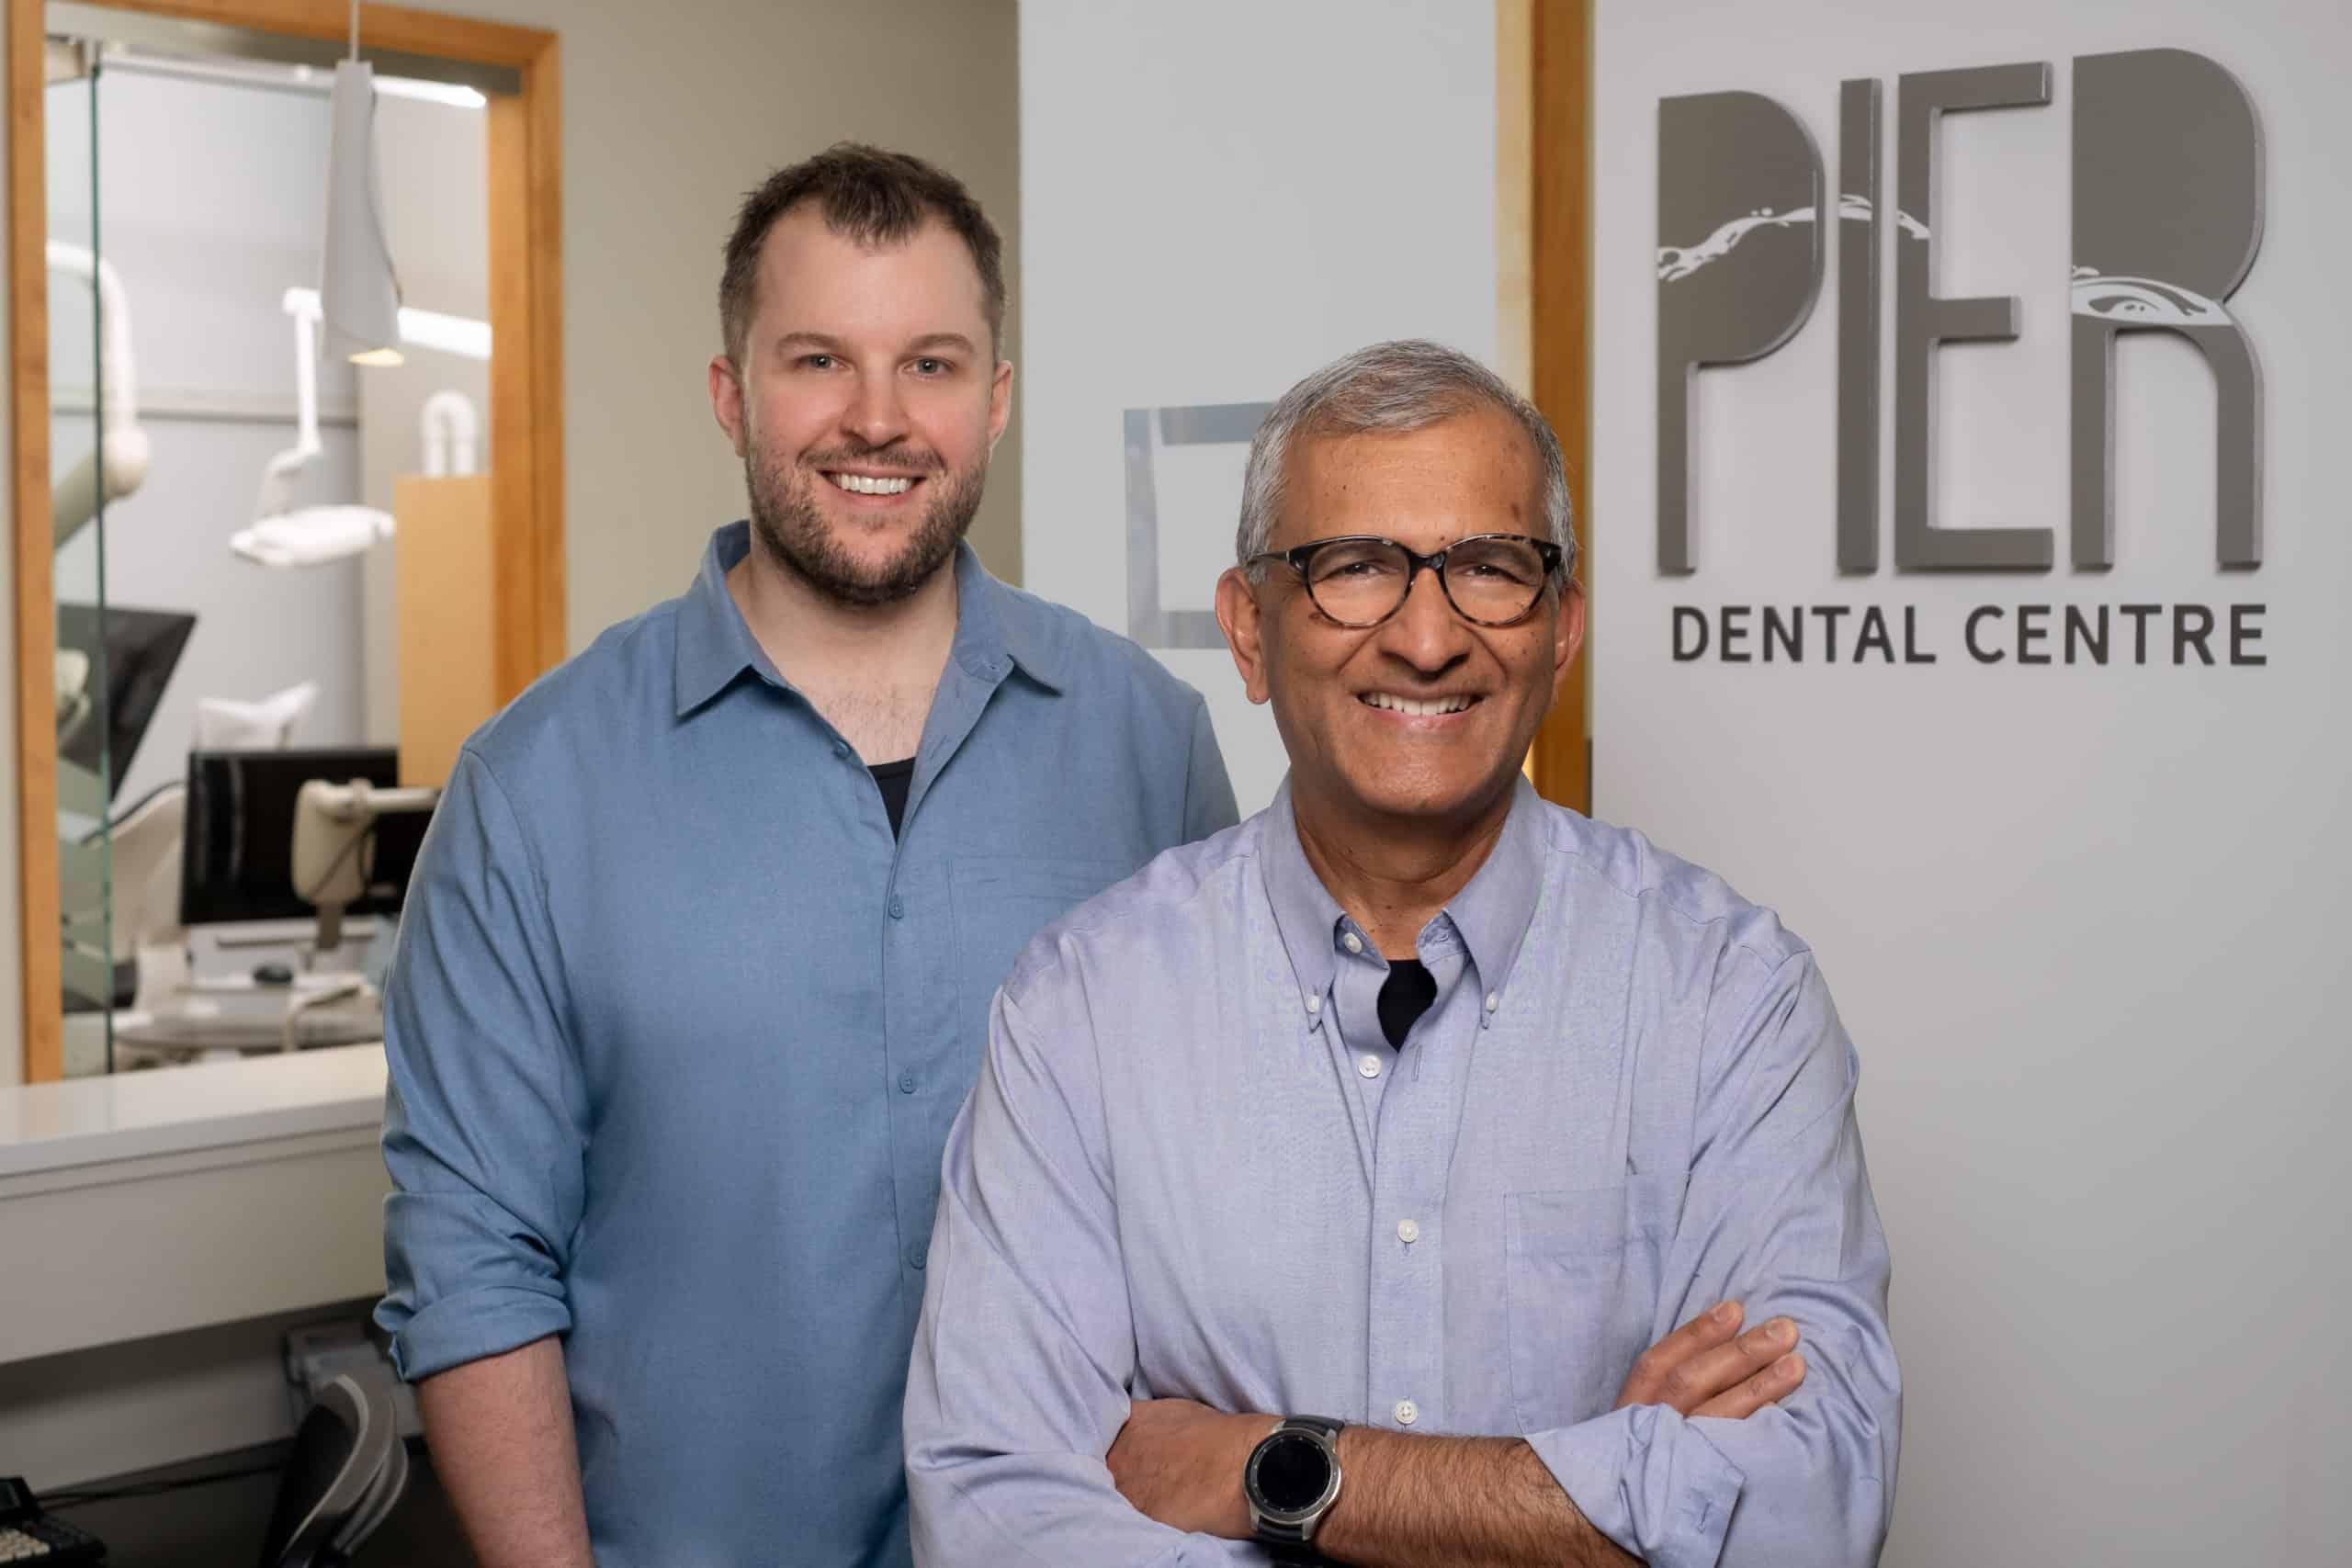 Expert local dentist kherani cegielski